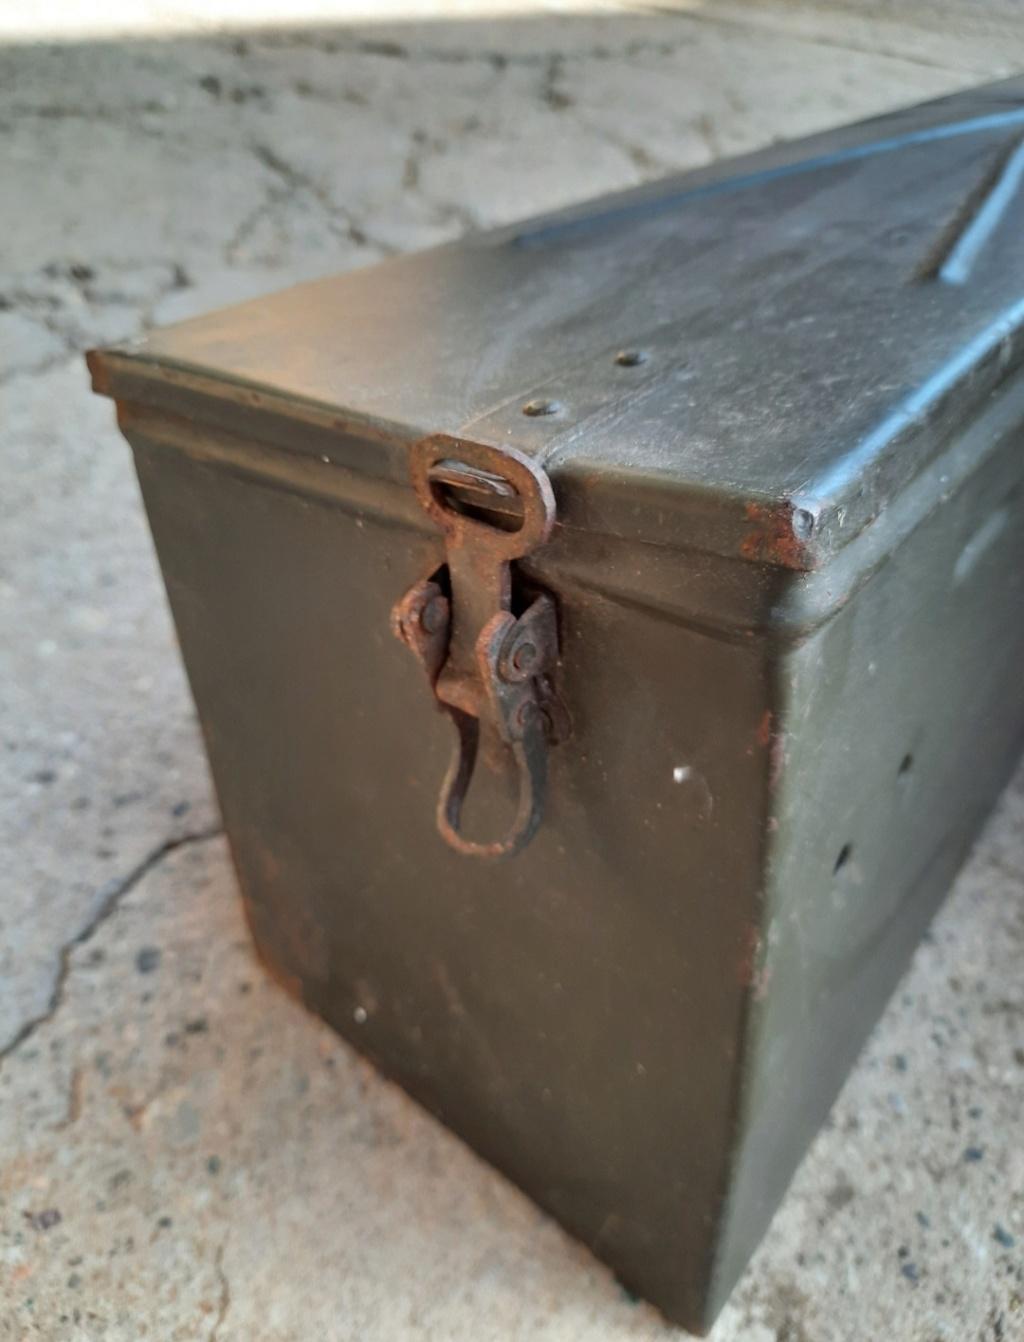 mes caisses allemandes ww2  (métal) - Page 2 20201133